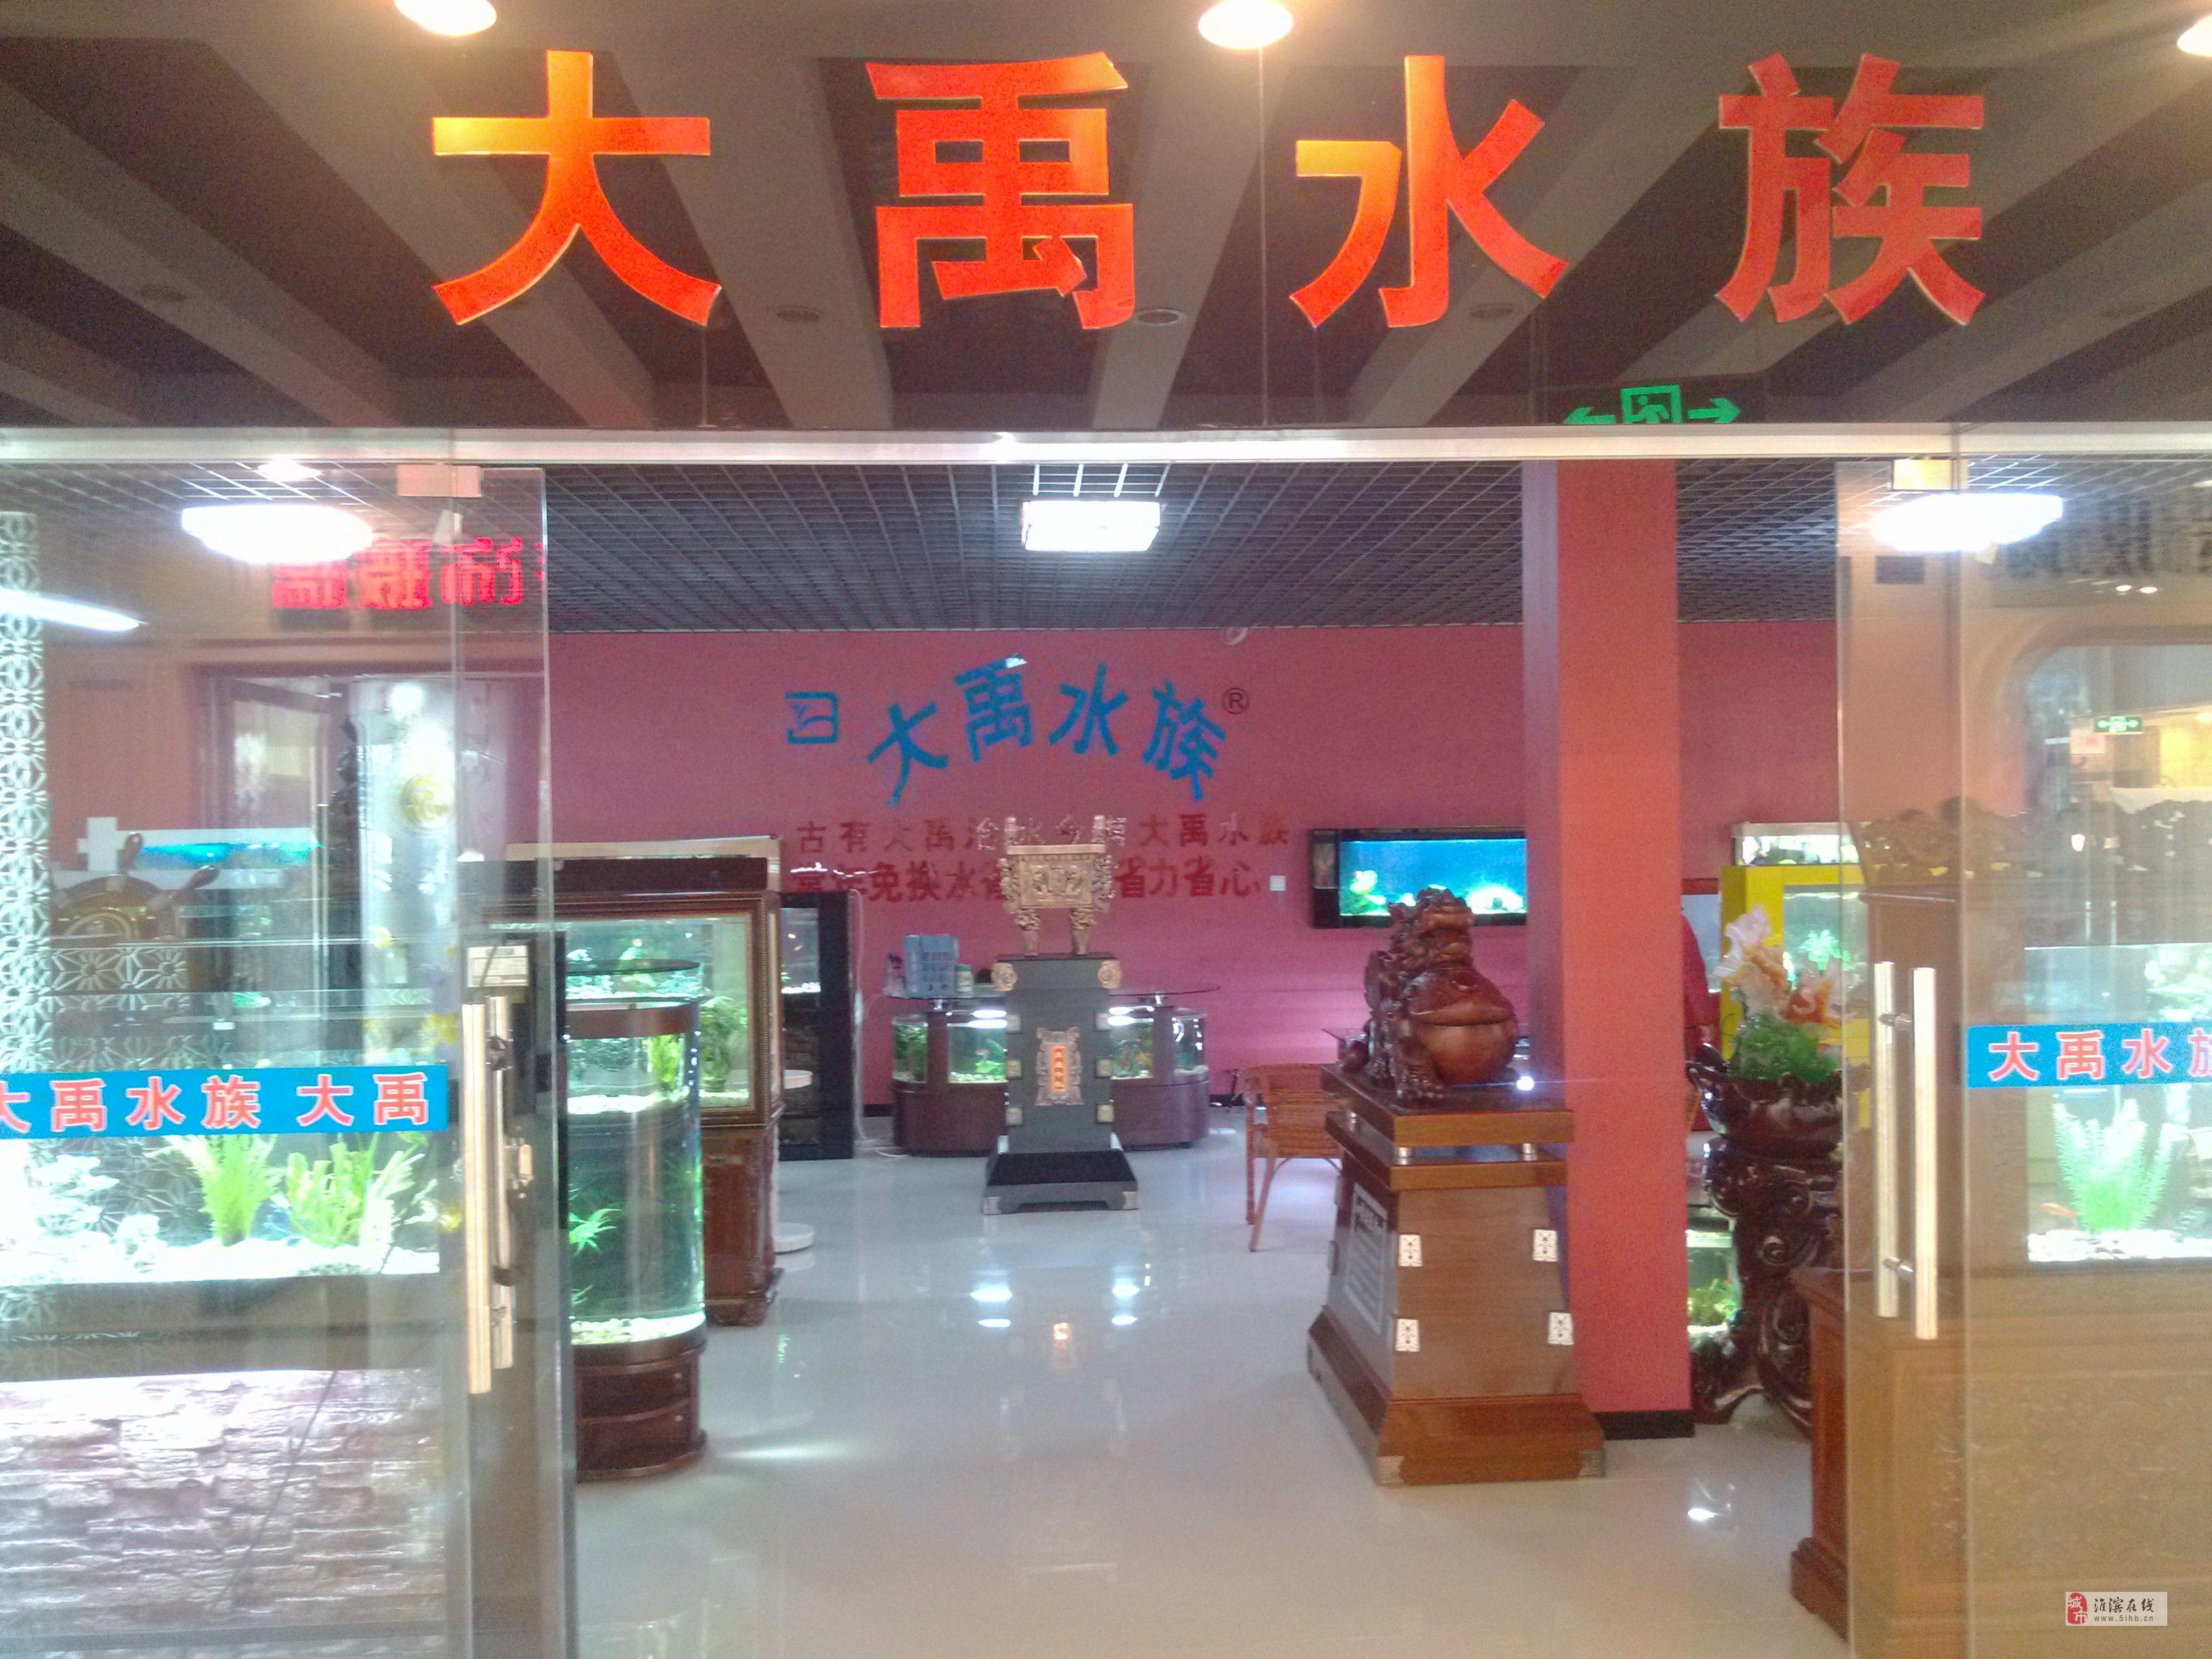 大禹水族生态鱼缸